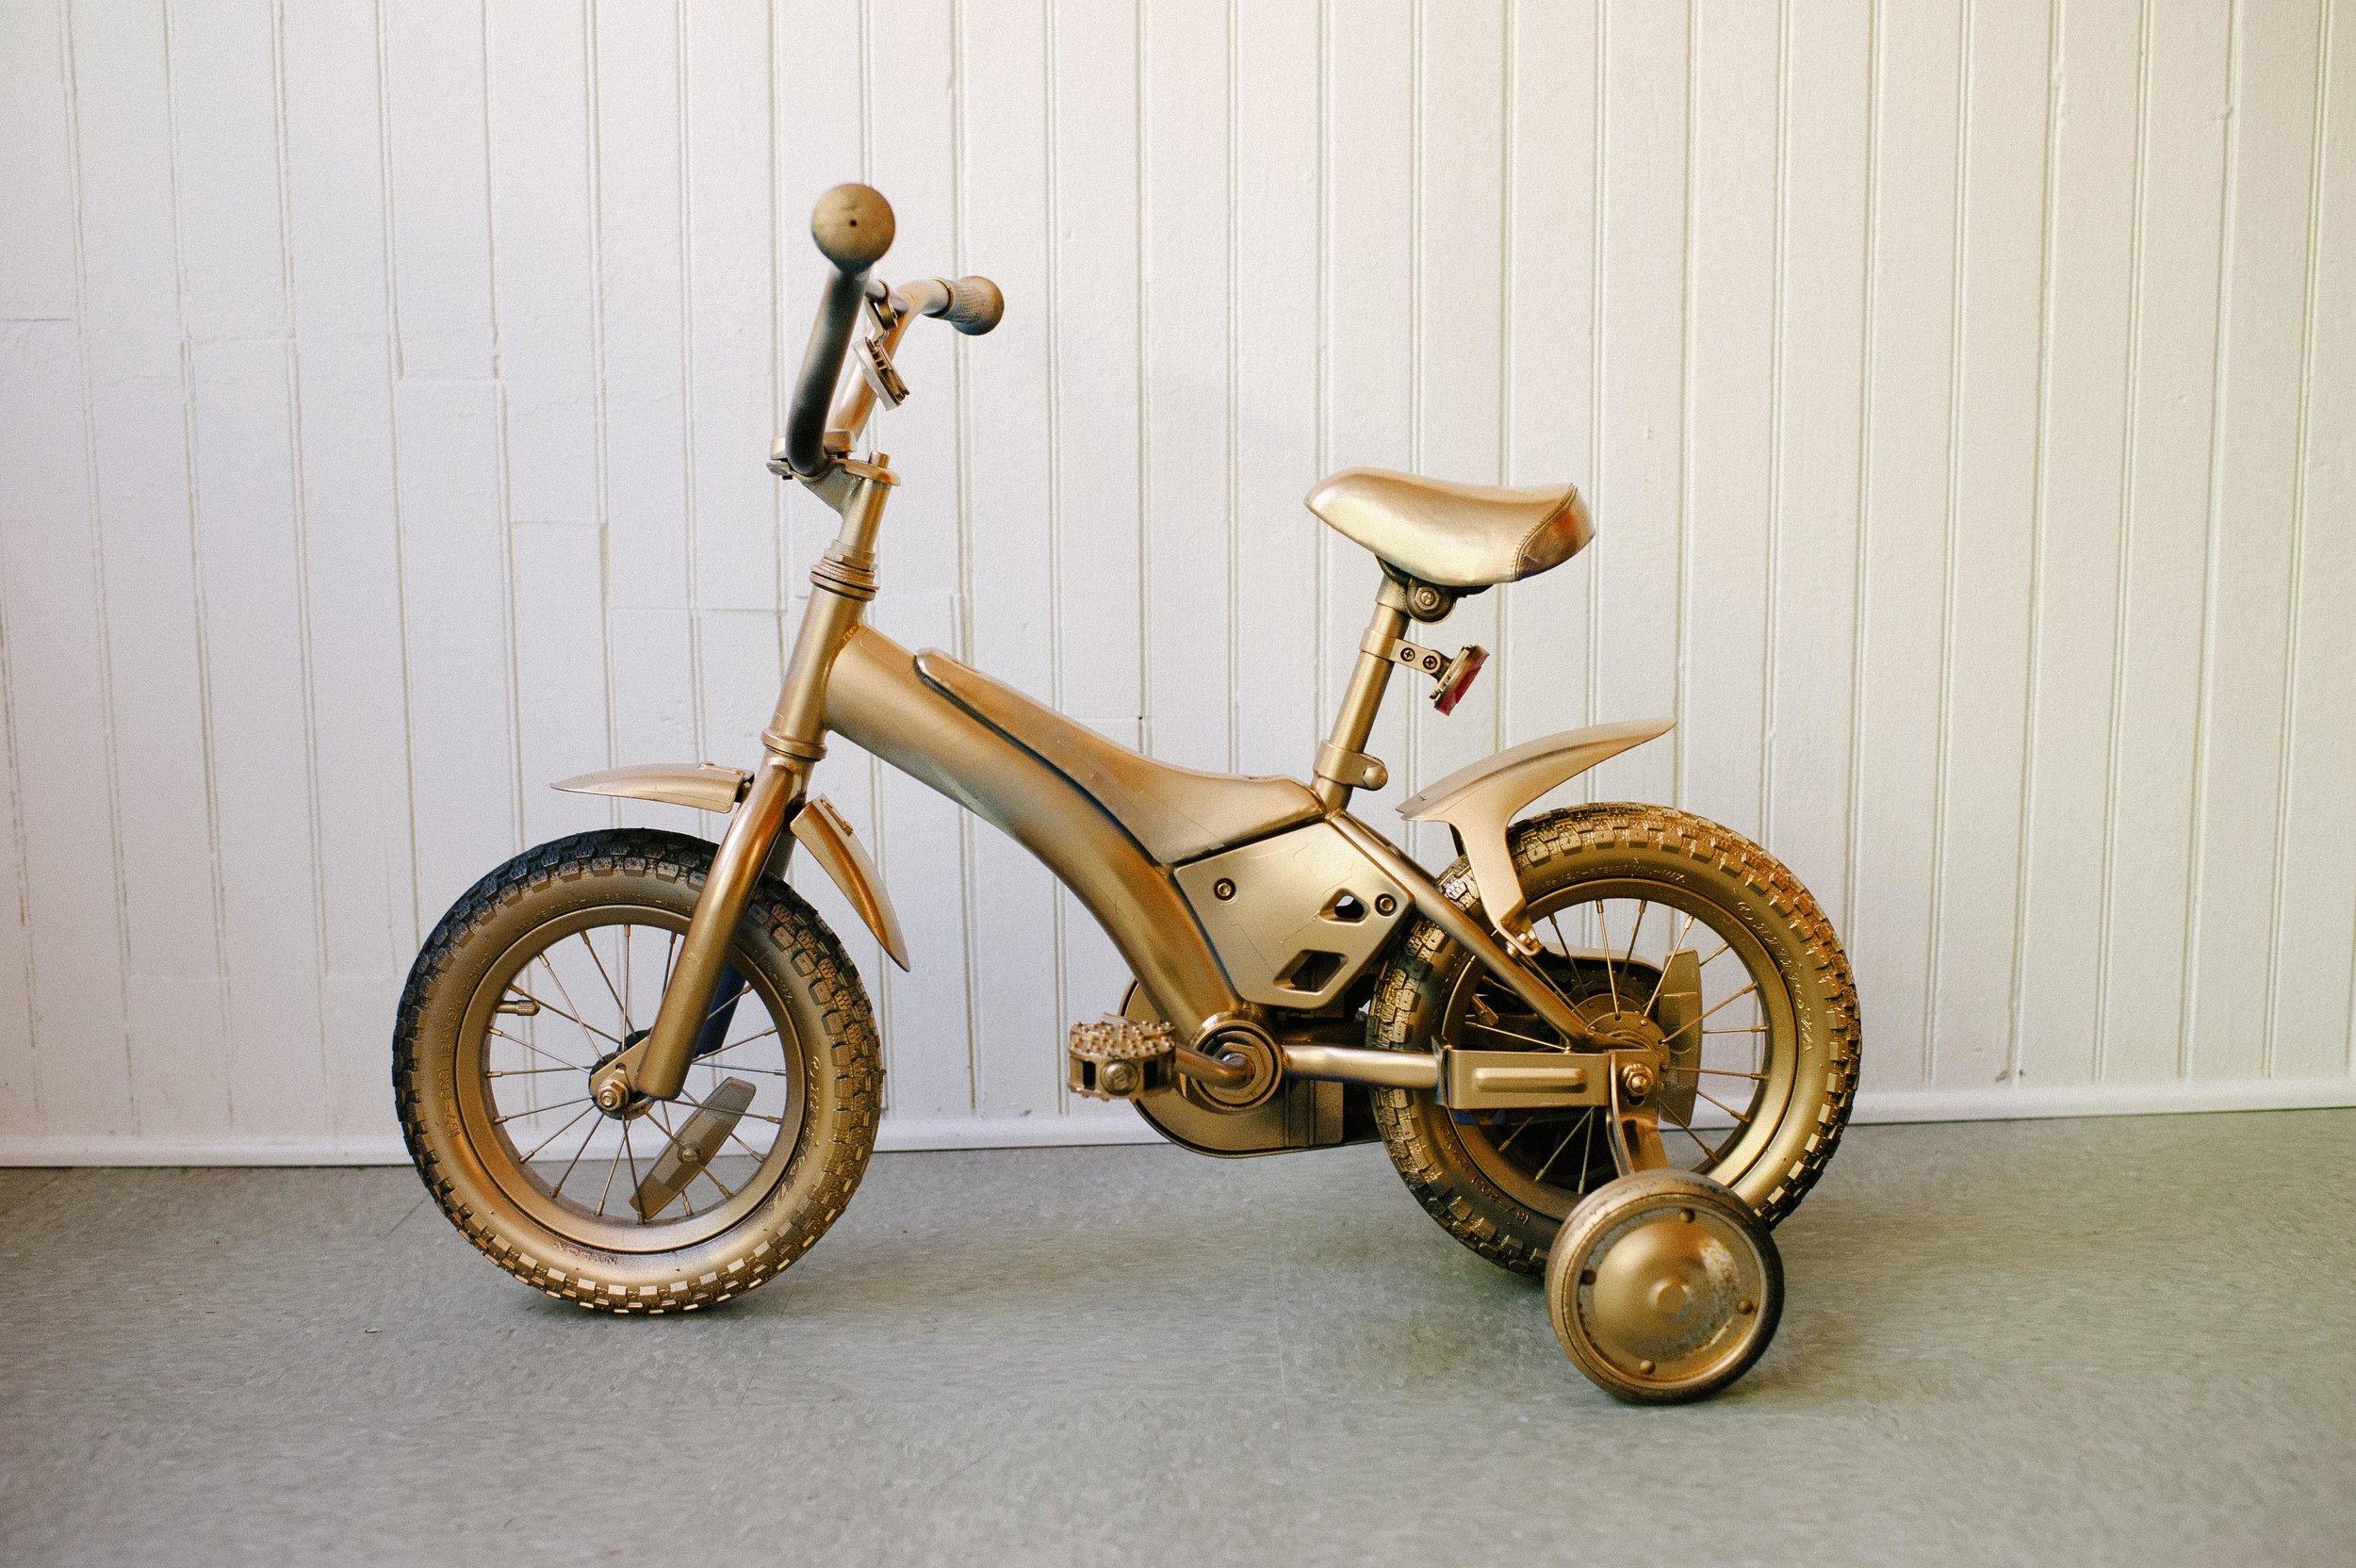 art_bike-10.jpg